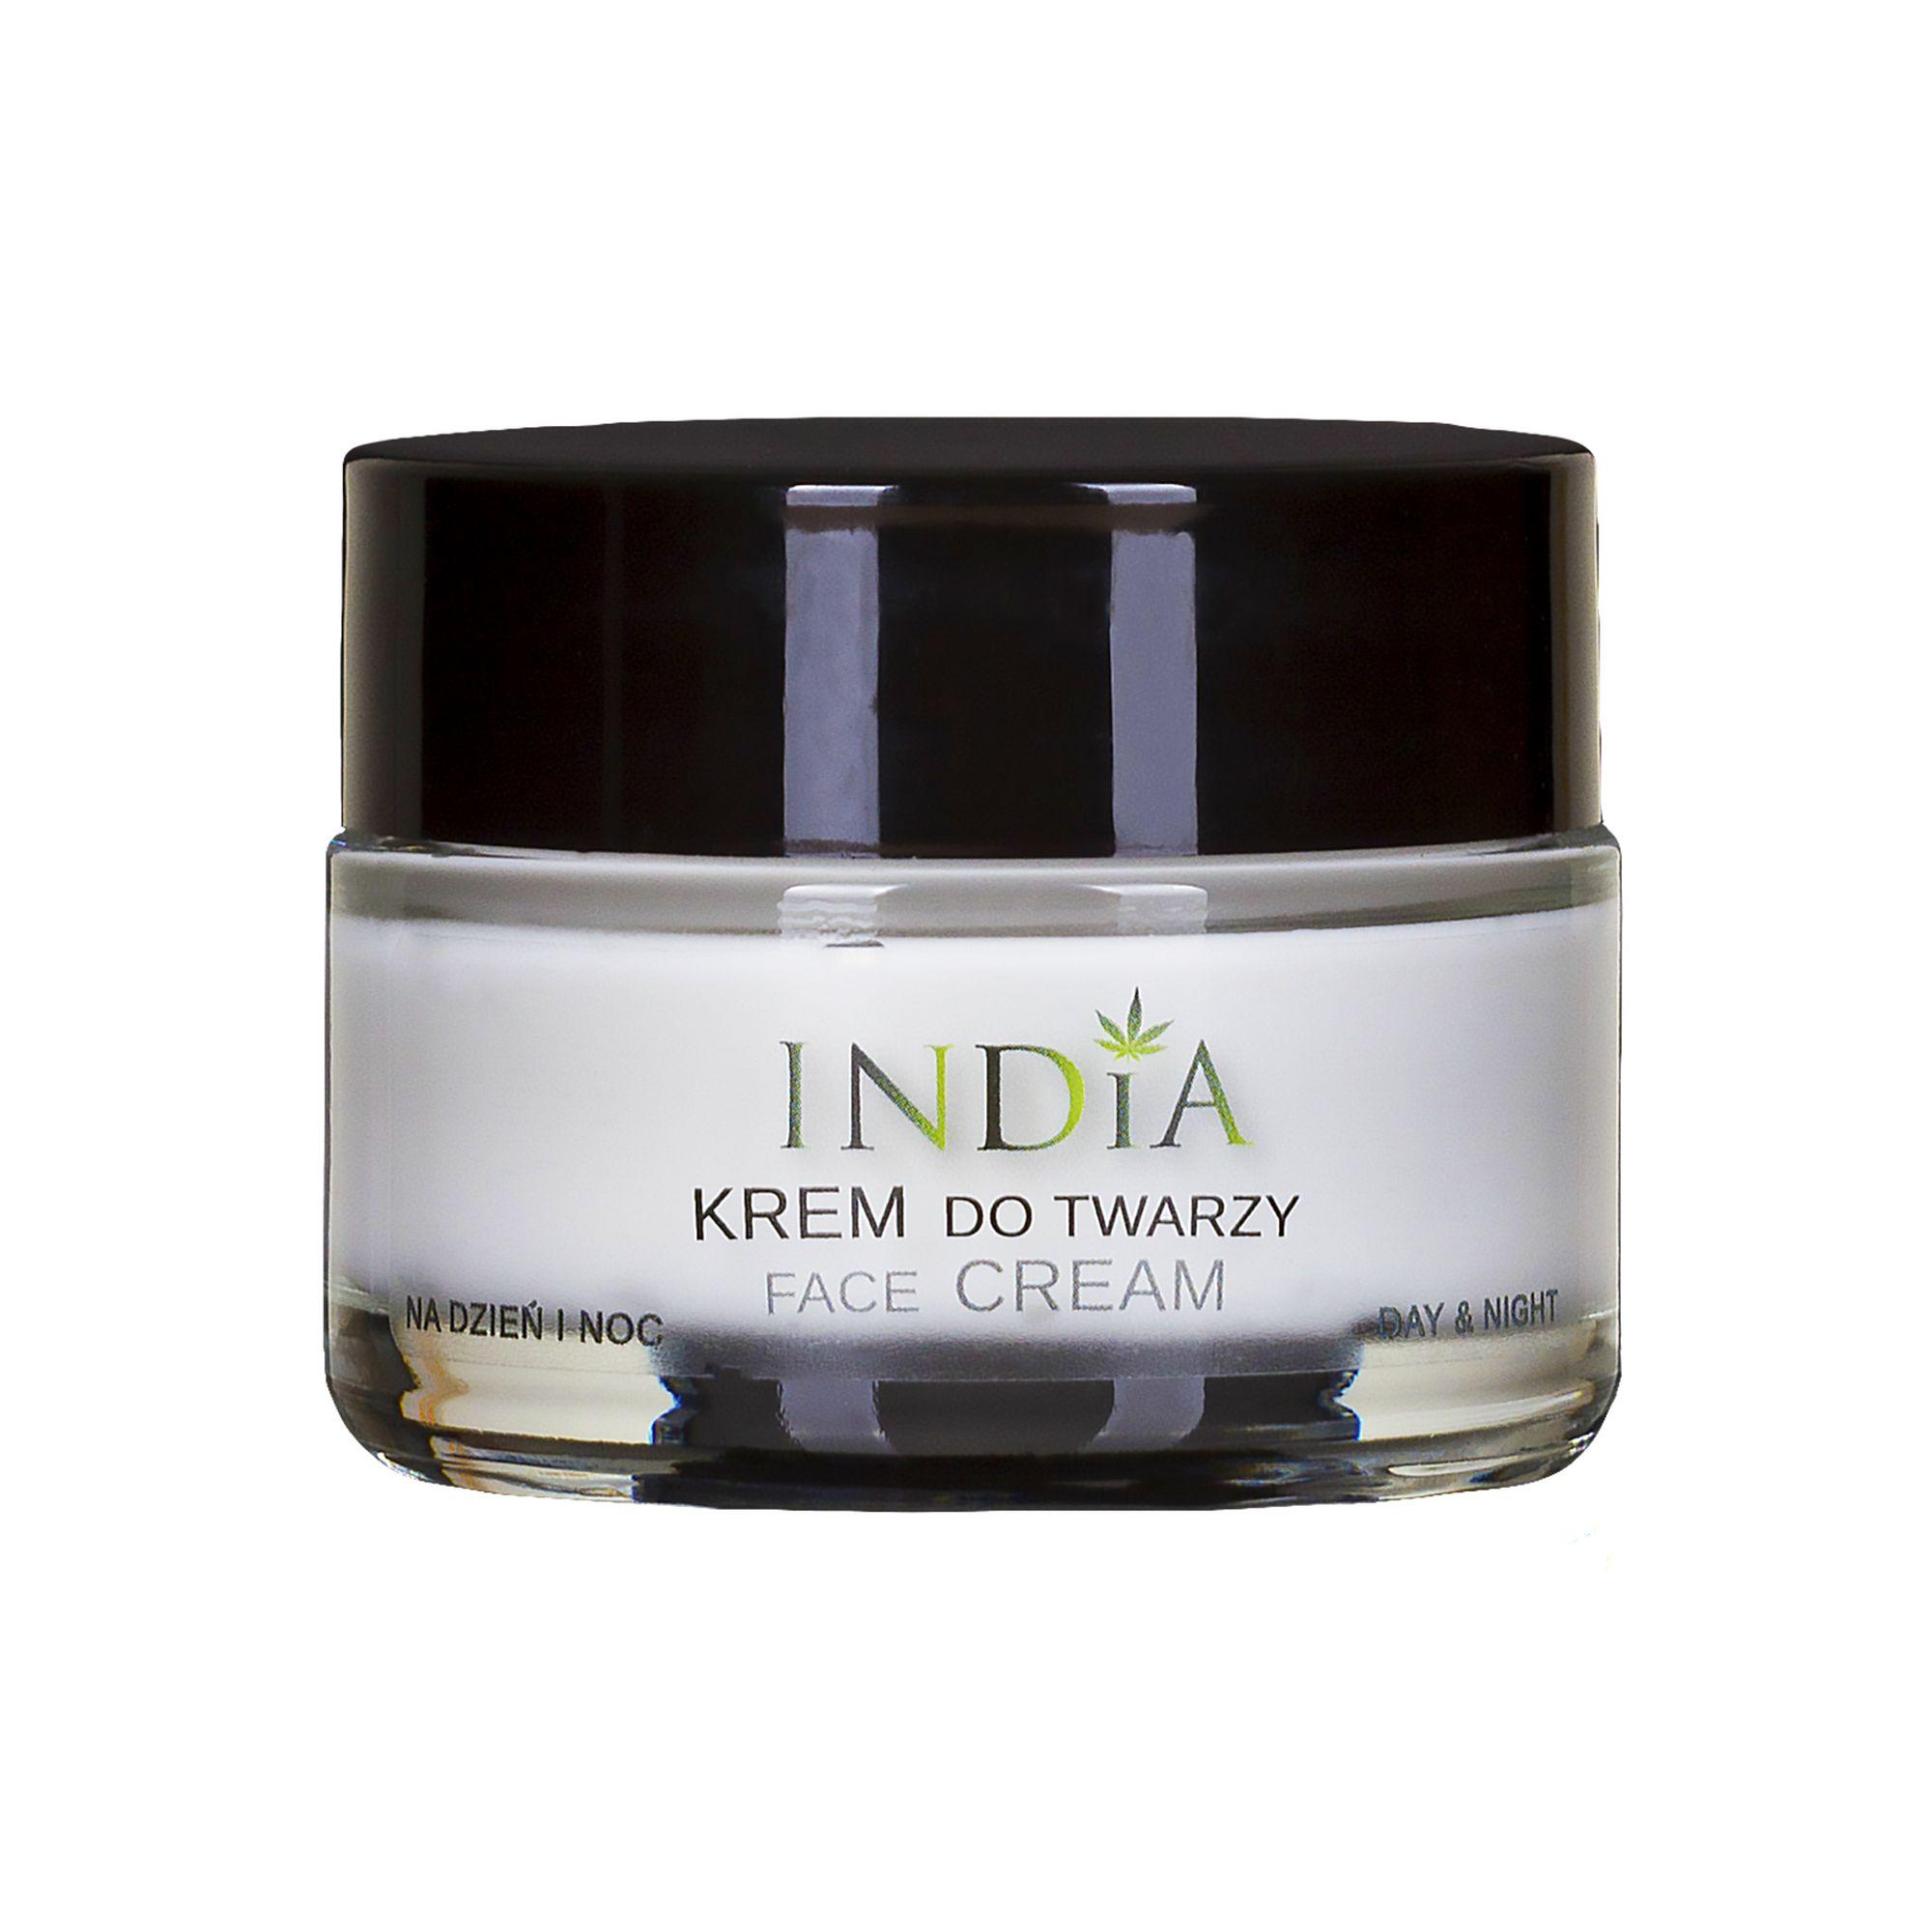 Gesichts-Creme mit Hanf-Öl von India Cosmetics